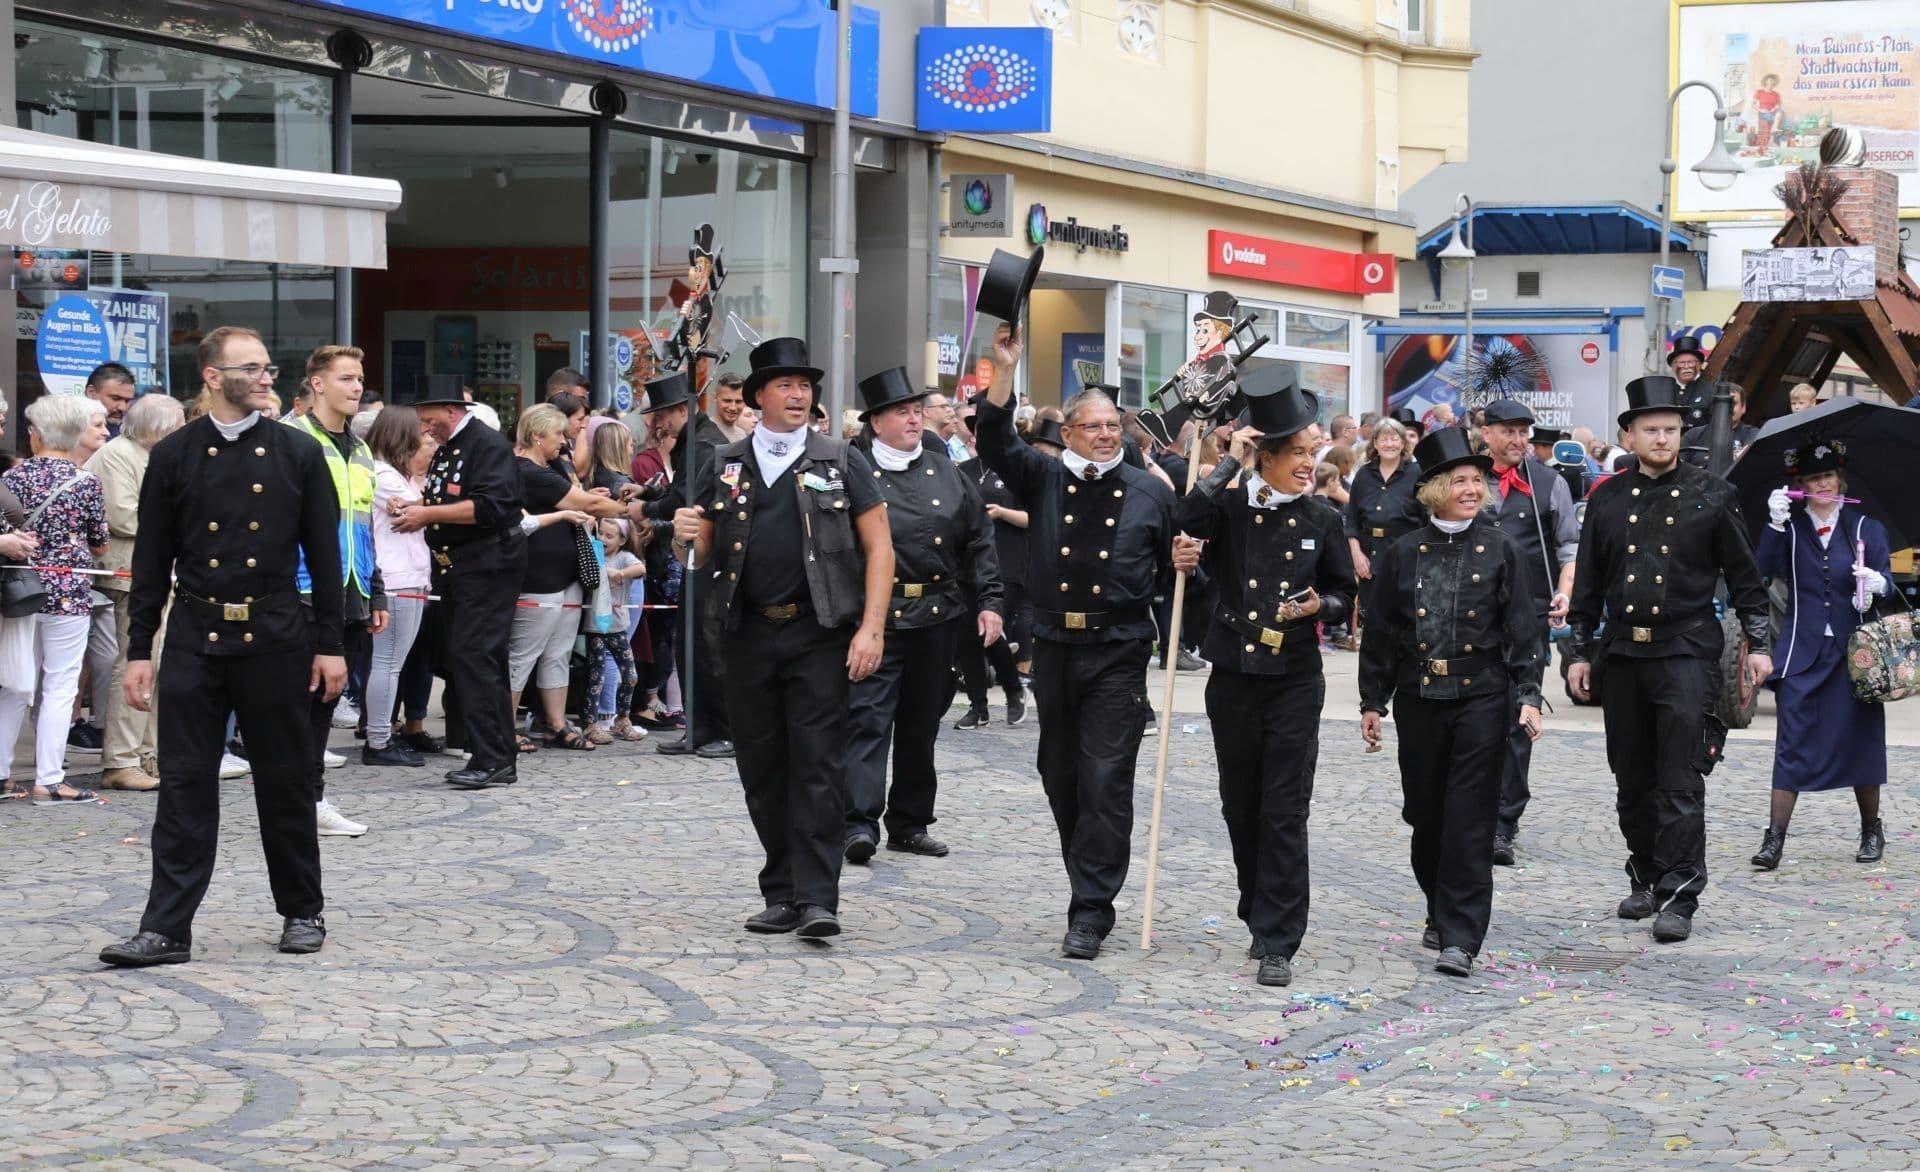 5 Fußgruppe der Schornsteinfegervereinigung.jpg